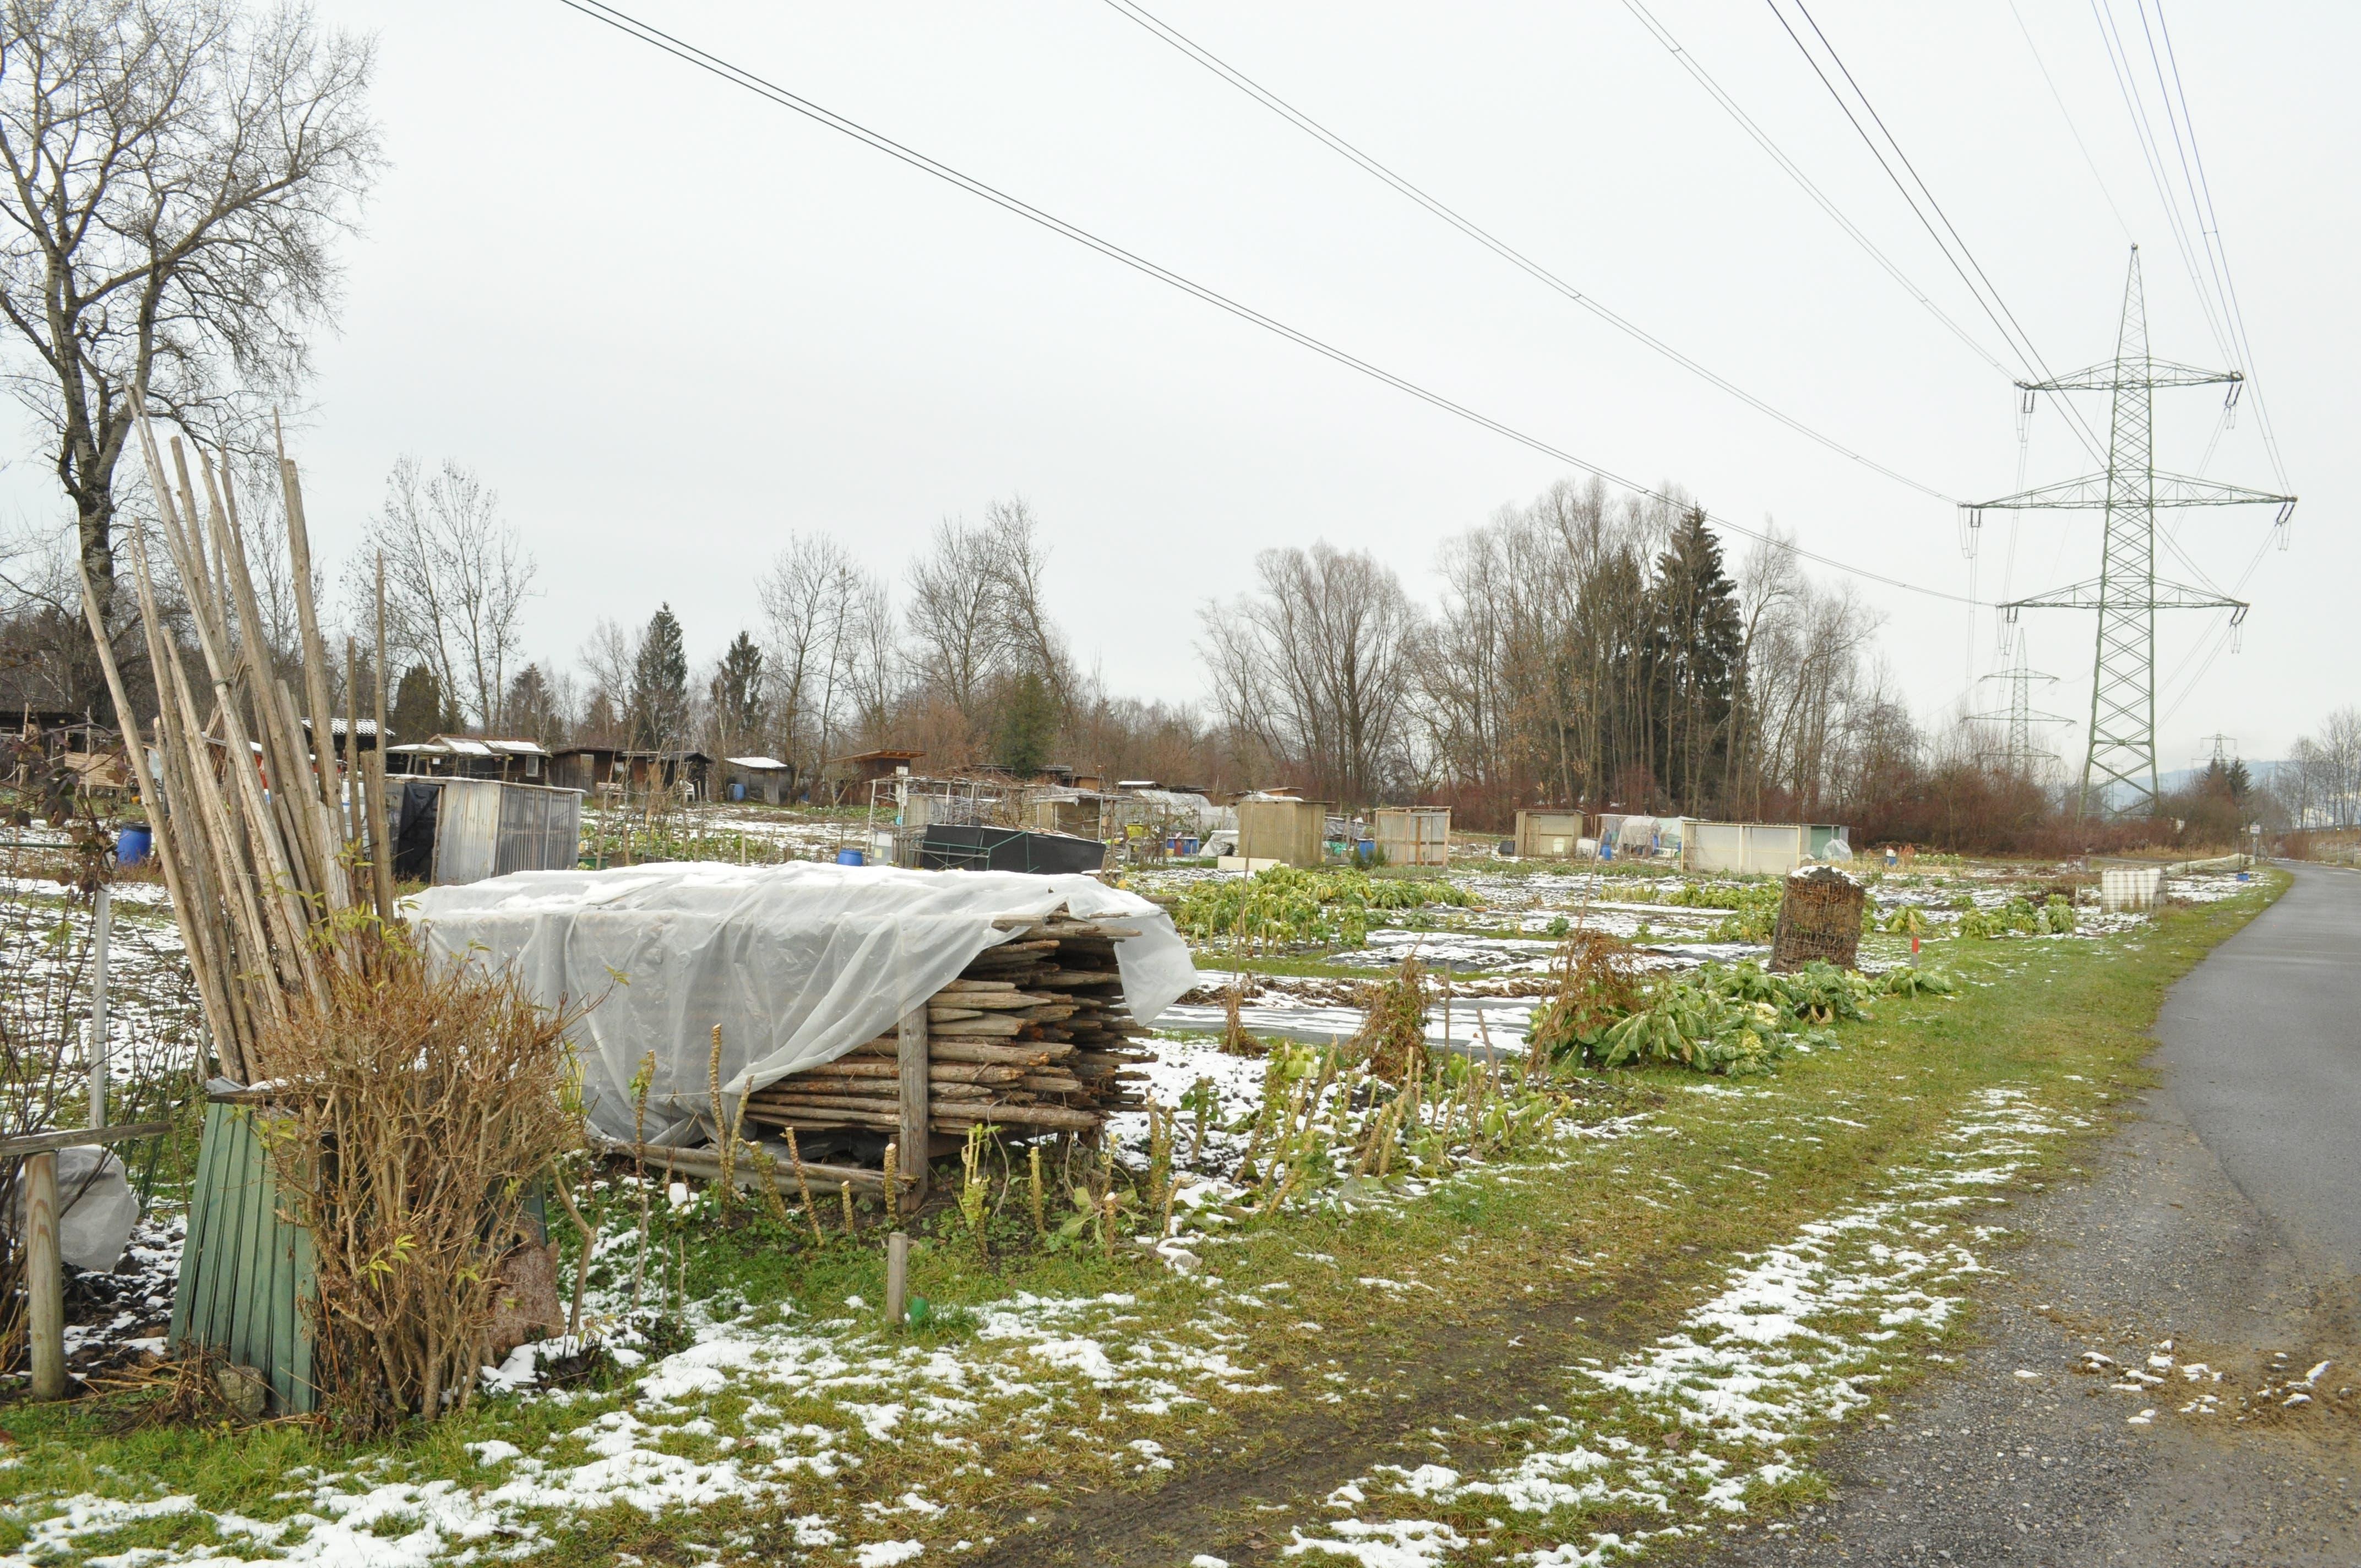 Der erste Abschnitt ist gesäumt von kleinen Schrebergärten.